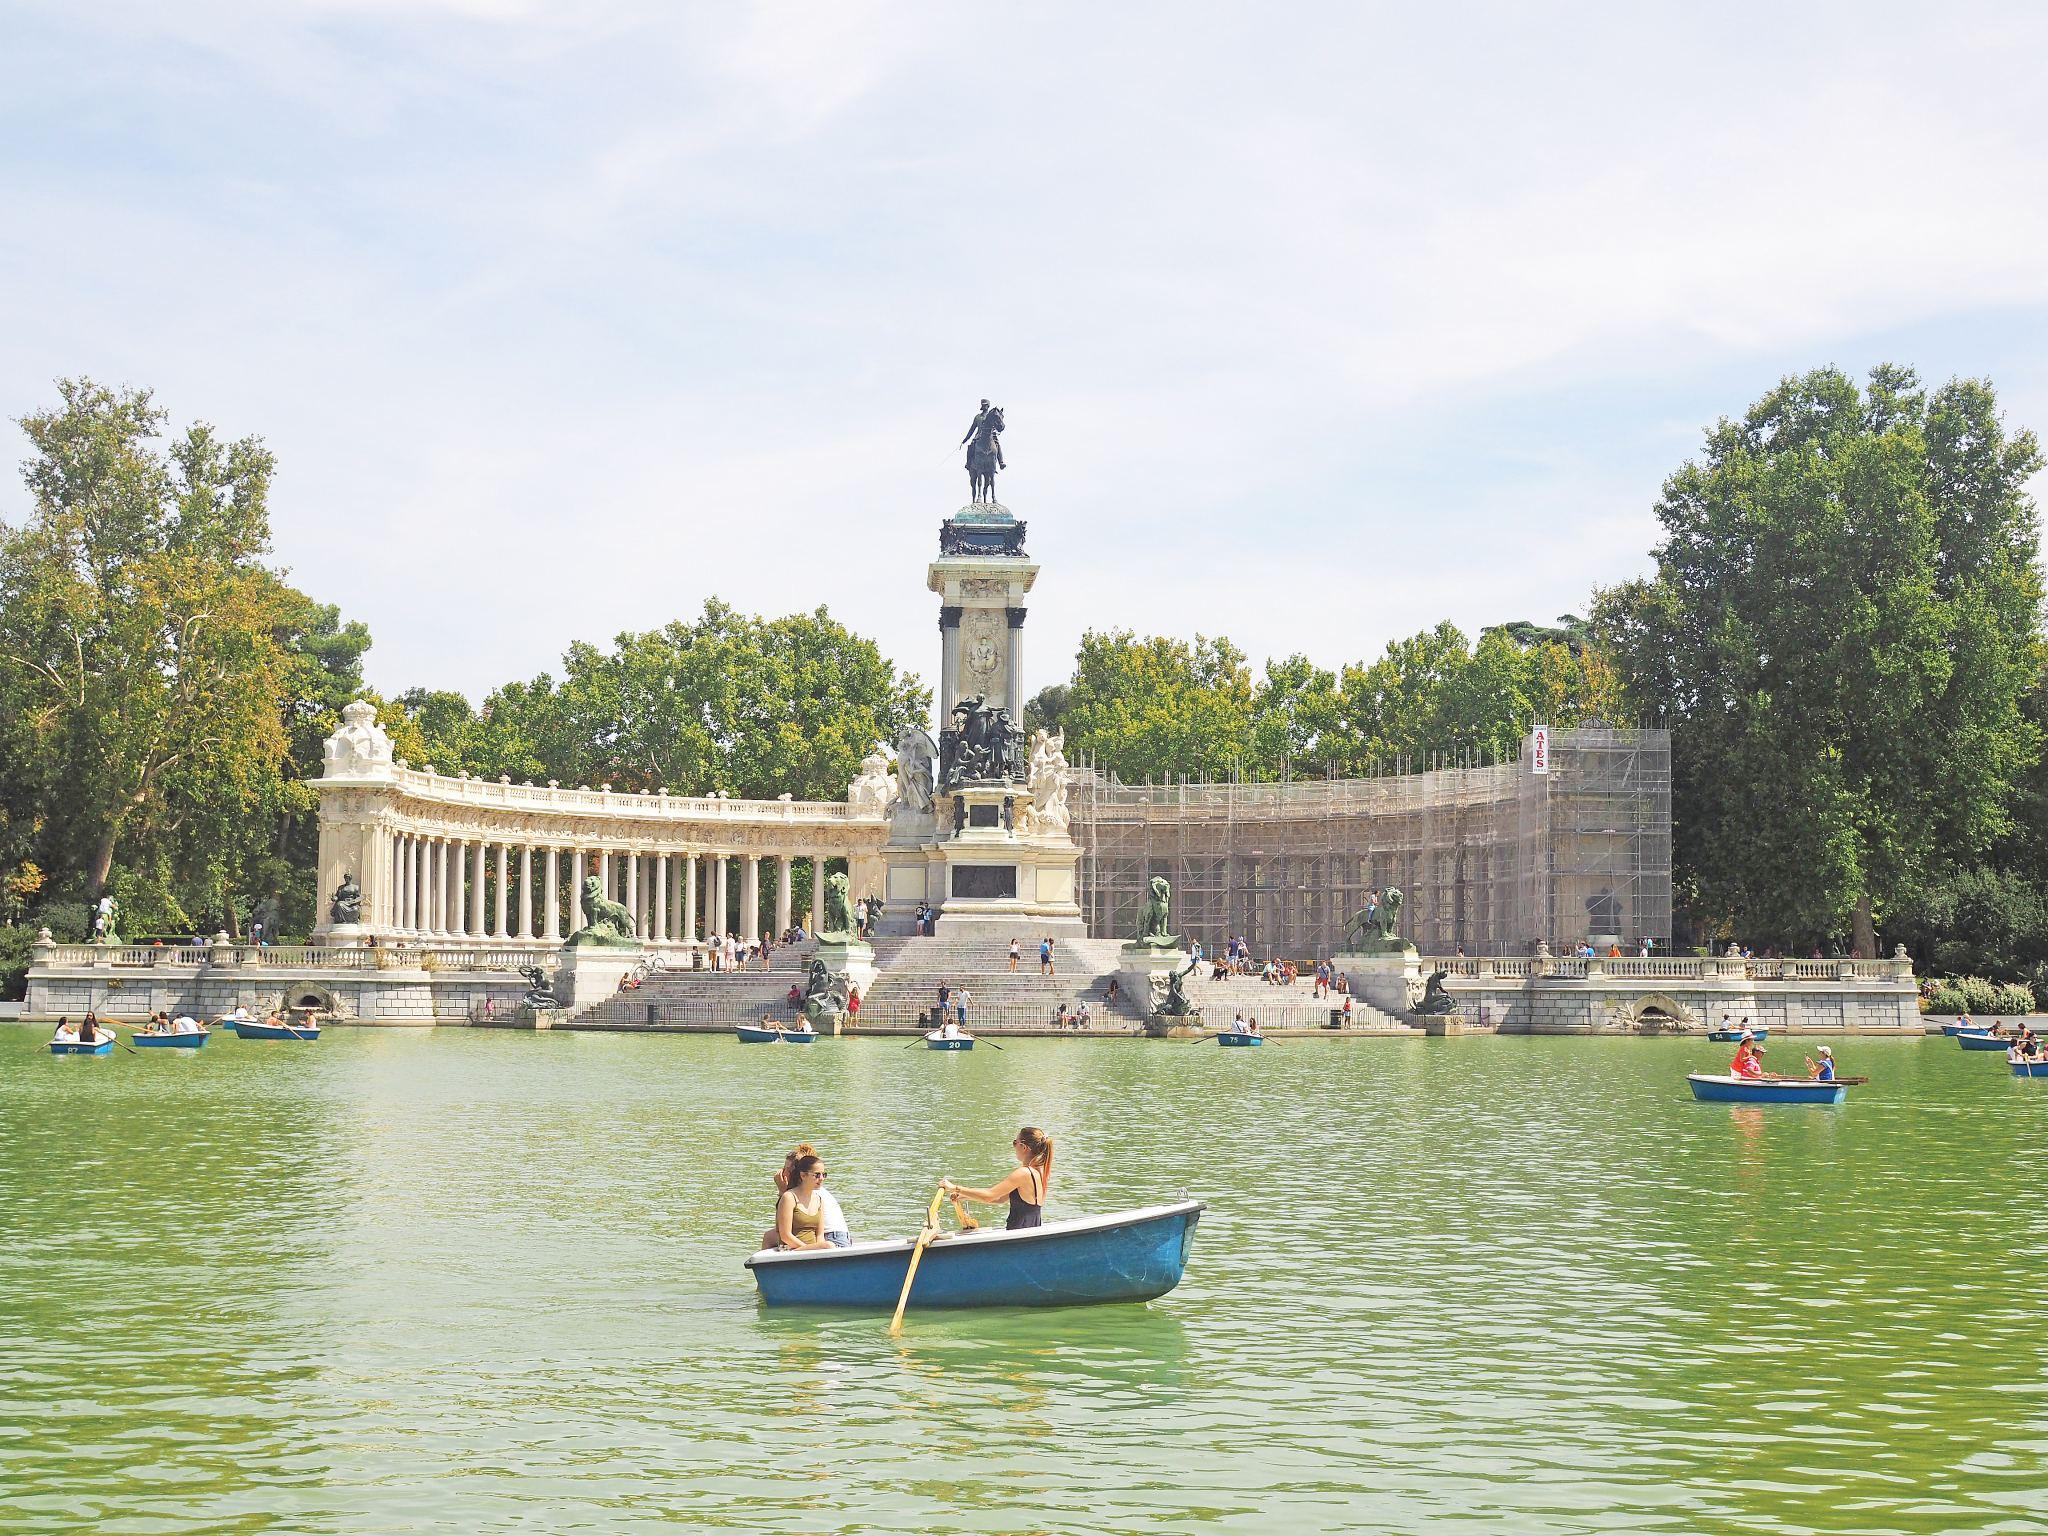 Capital of Spain, Madrid